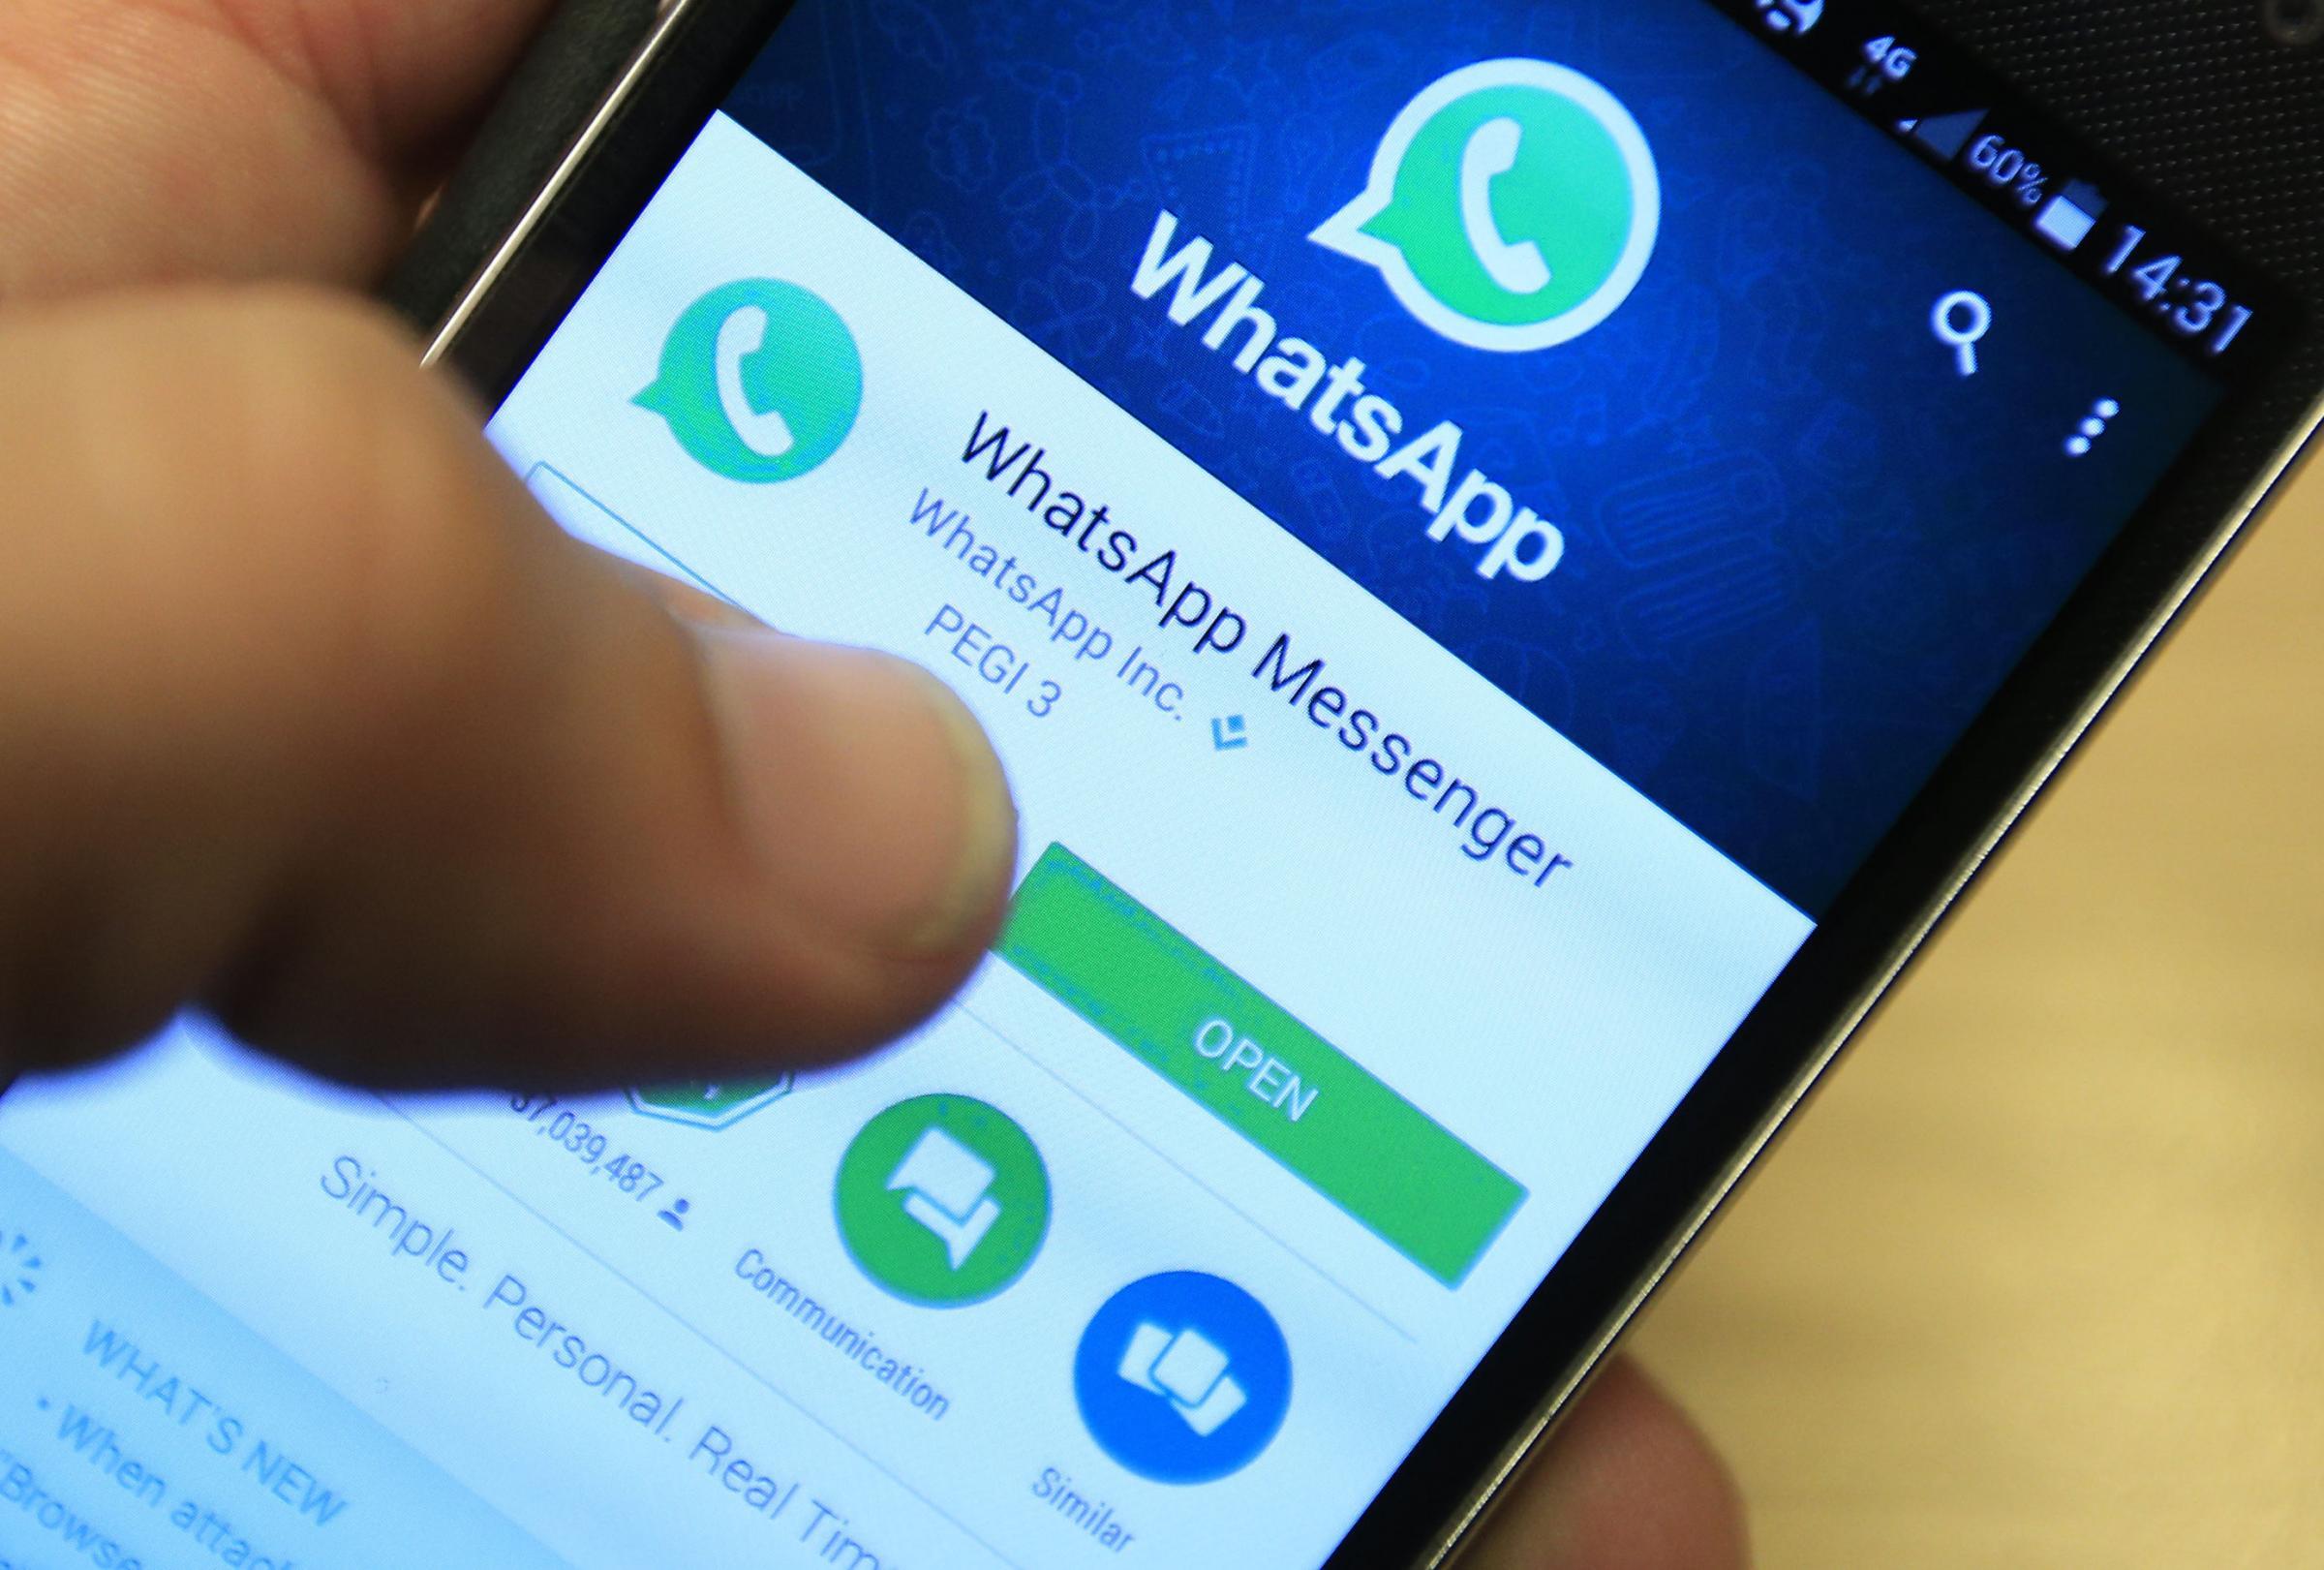 Cancellare i messaggi di WhatsApp: da oggi puoi farlo entro 5 minuti